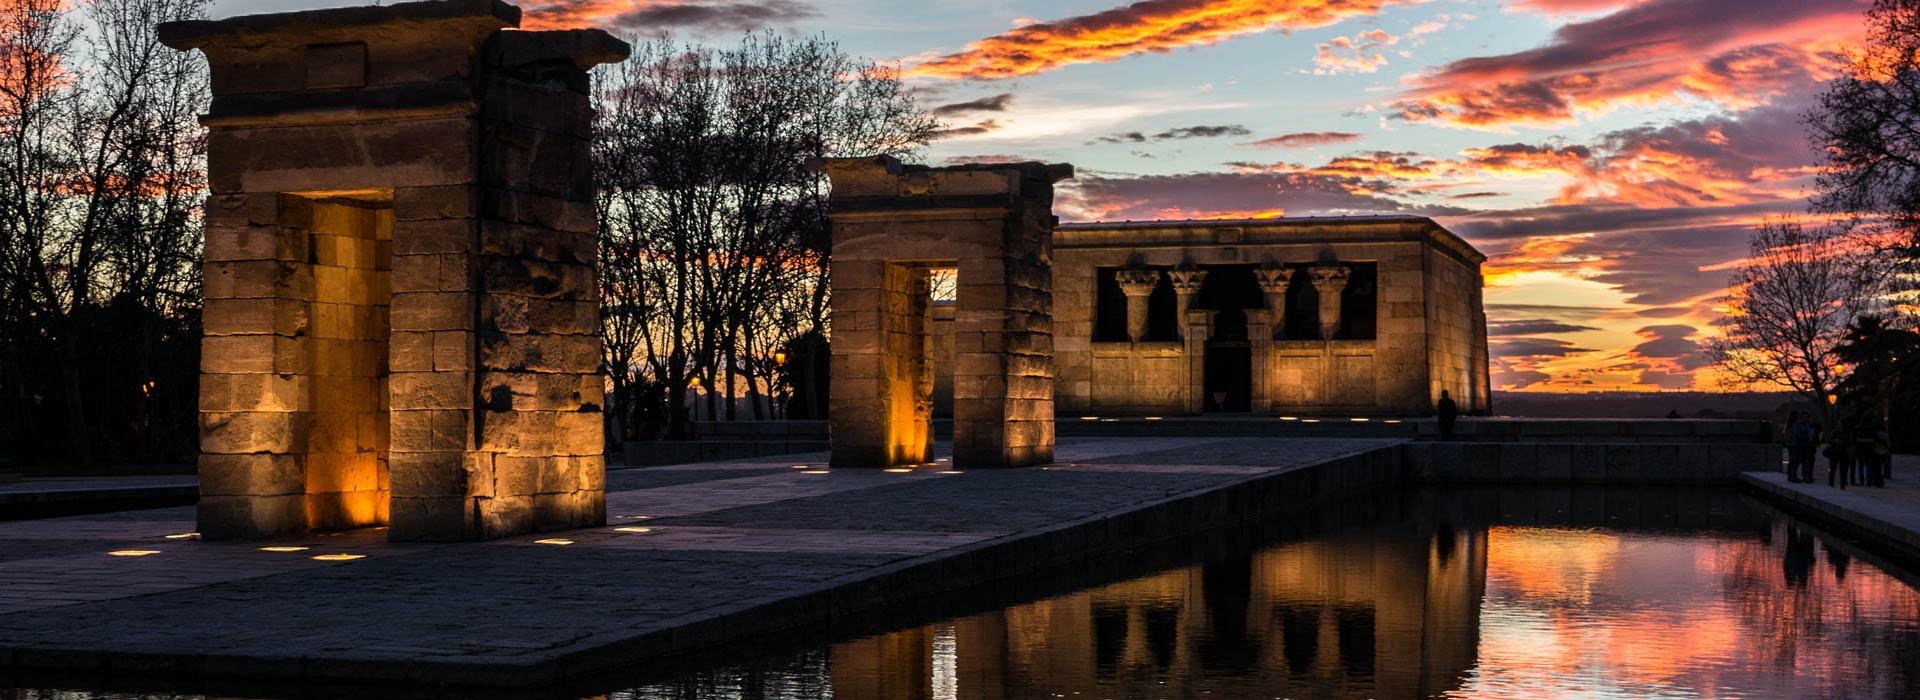 Madrid.Templo de Debod